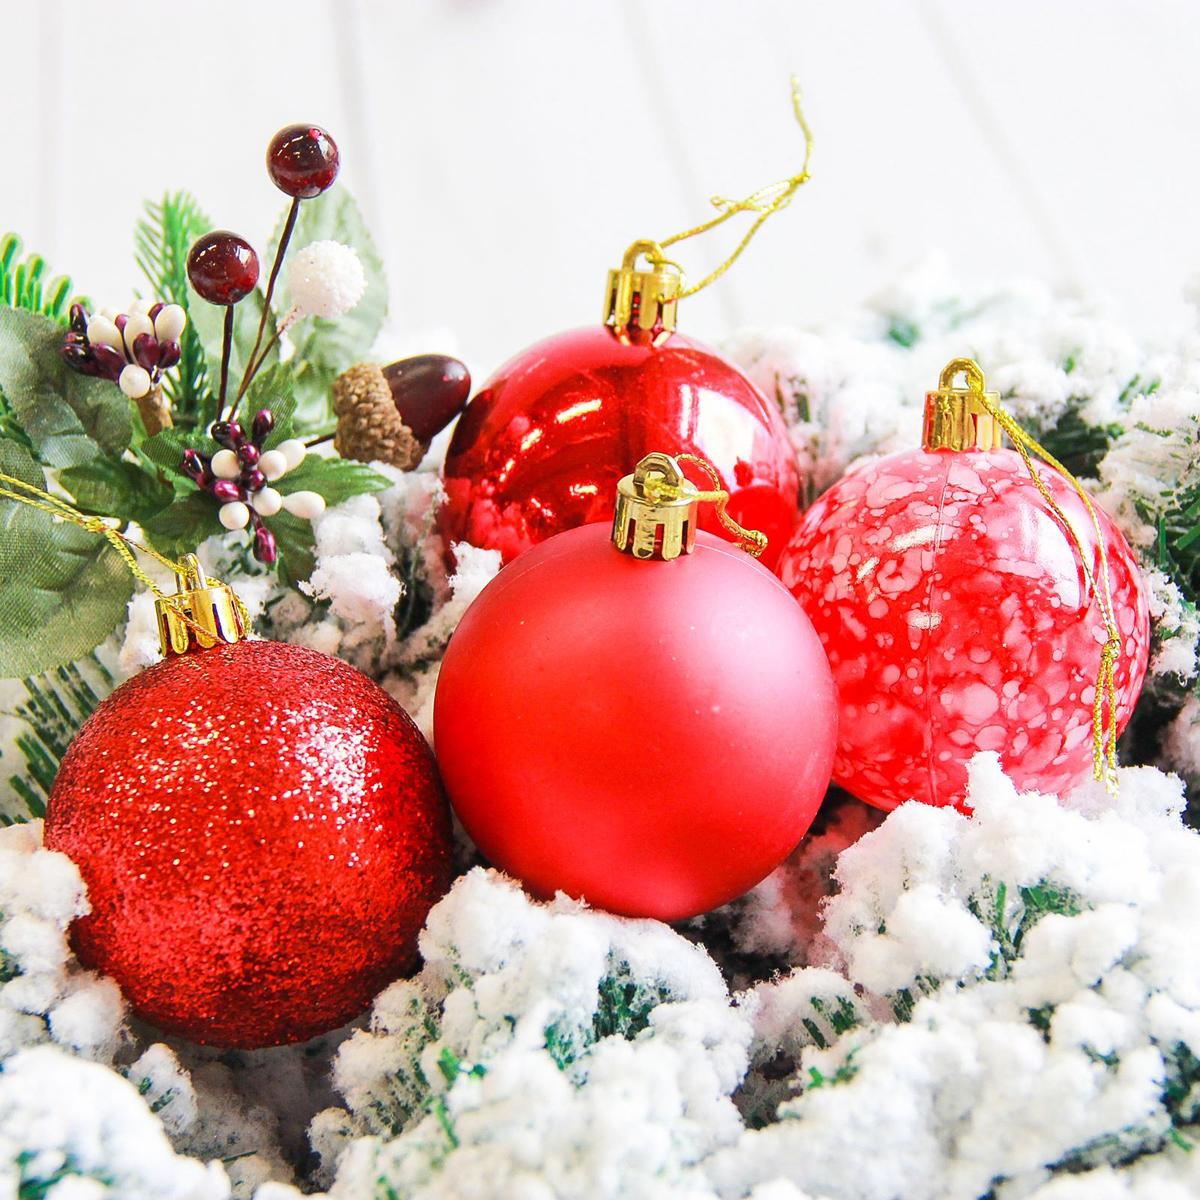 Набор новогодних подвесных украшений Sima-land Фрэско, цвет: красный, диаметр 6 см, 16 шт2178241Набор новогодних подвесных украшений Sima-land отлично подойдет для декорации вашего дома и новогодней ели. С помощью специальной петельки украшение можно повесить в любом понравившемся вам месте. Но, конечно, удачнее всего оно будет смотреться на праздничной елке. Елочная игрушка - символ Нового года. Она несет в себе волшебство и красоту праздника. Создайте в своем доме атмосферу веселья и радости, украшая новогоднюю елку нарядными игрушками, которые будут из года в год накапливать теплоту воспоминаний.